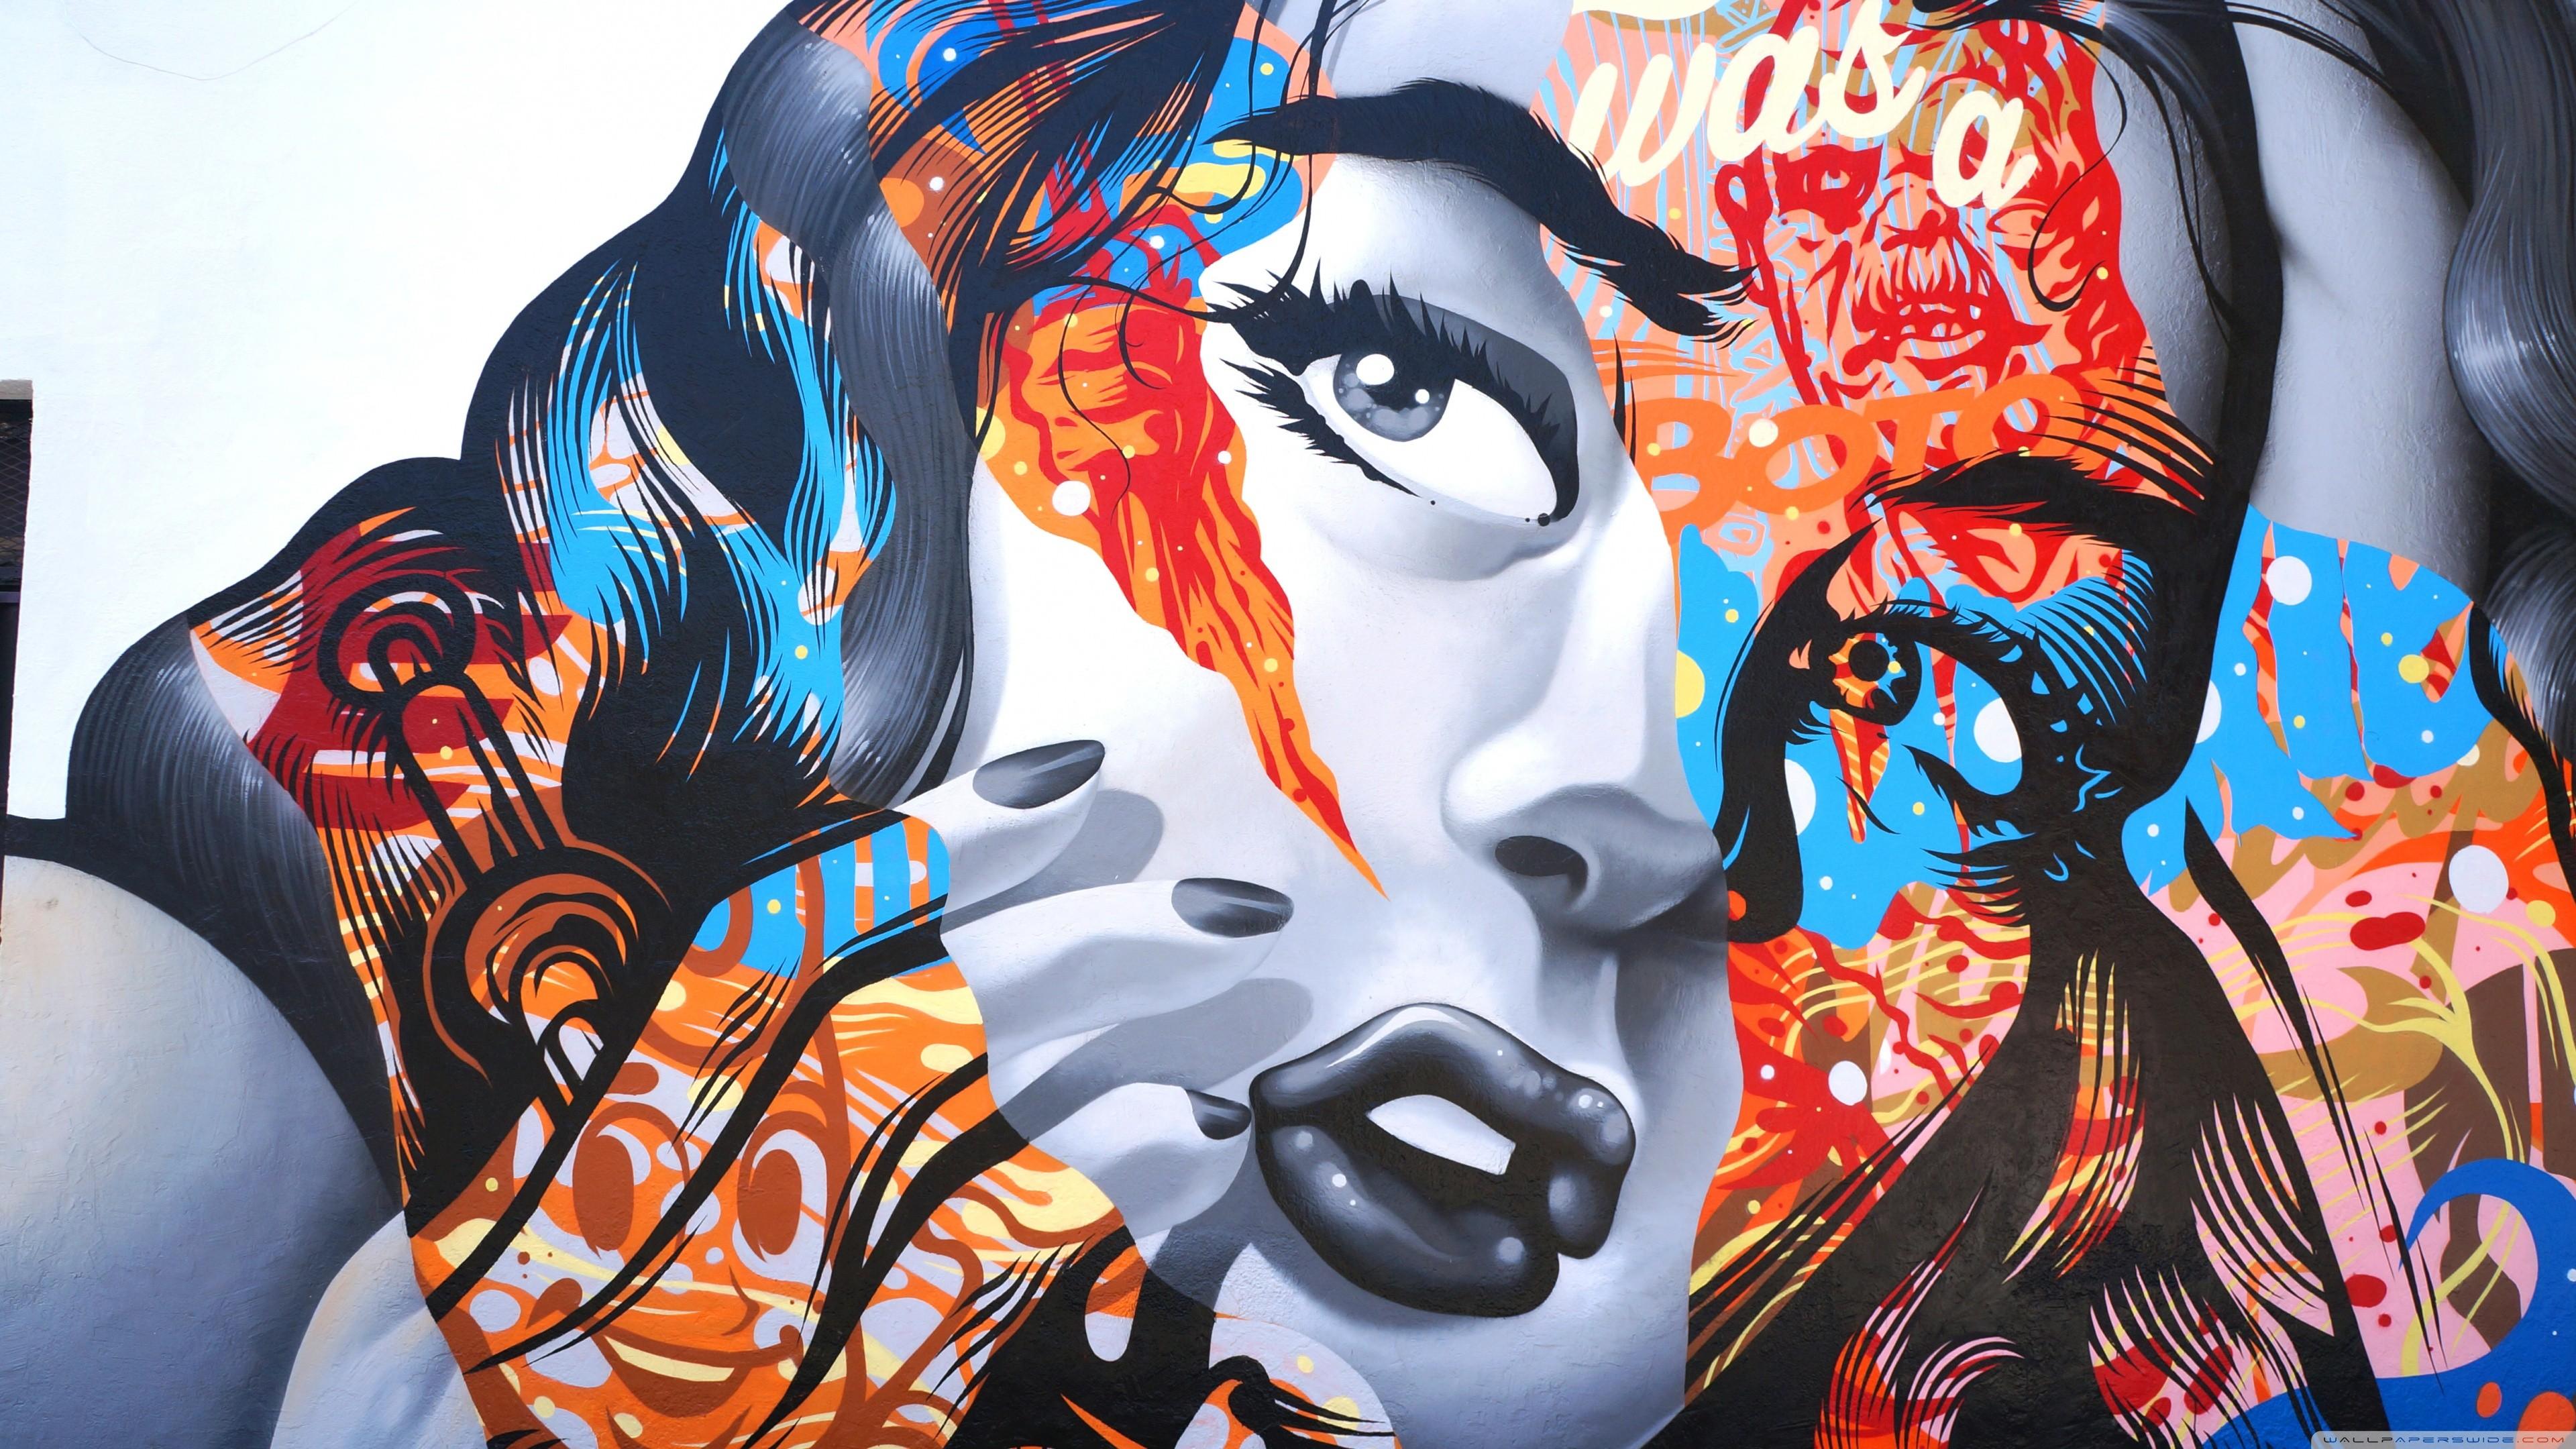 bioshock infinite graffiti 1536009011 - BioShock Infinite Graffiti - xbox games wallpapers, ps games wallpapers, pc games wallpapers, graffiti wallpapers, games wallpapers, bioshock infinite wallpapers